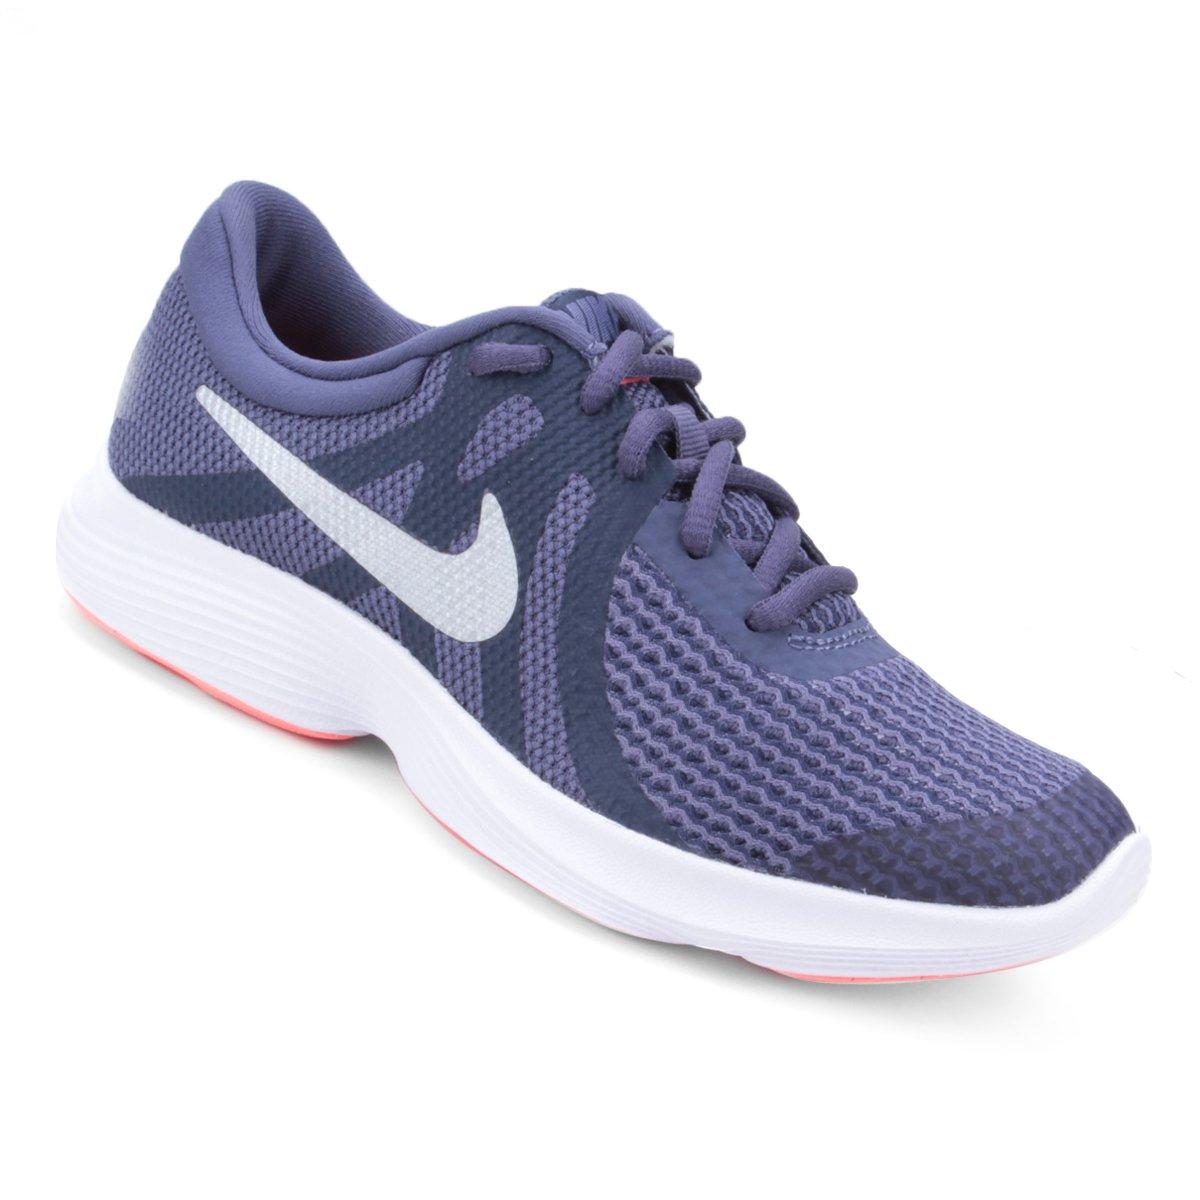 9dee2dcc838af Tênis Infantil Nike Revolution 4 - Roxo - Compre Agora